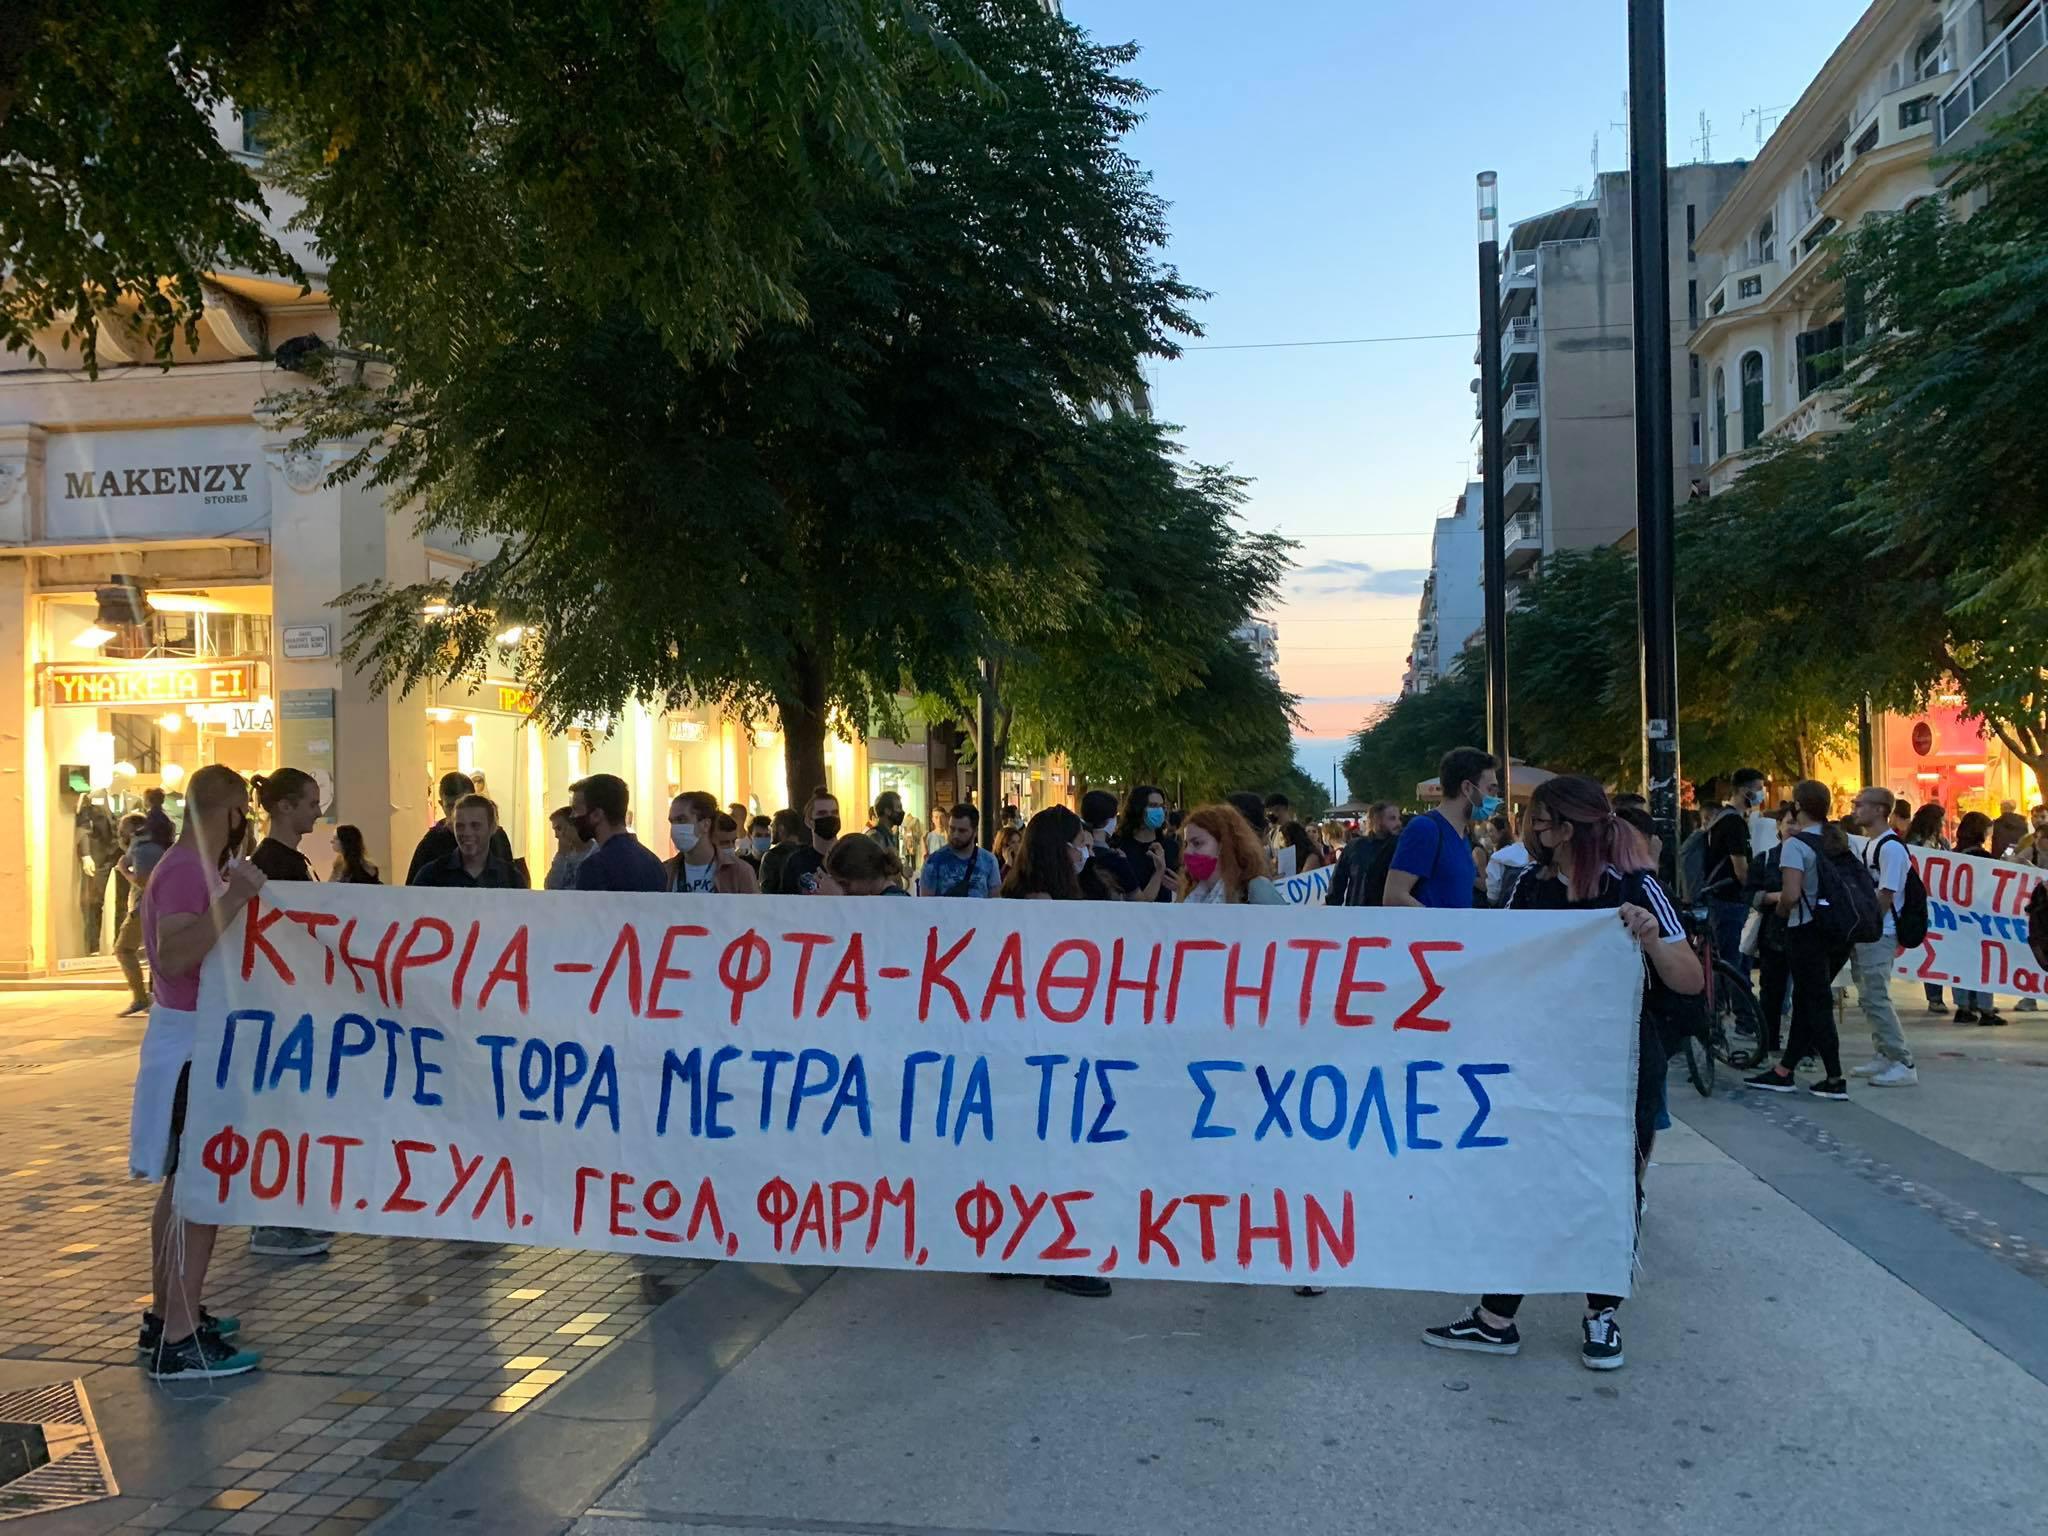 Φοιτητικό συλλαλητήριο στο κέντρο της Θεσσαλονίκης για τα μέτρα στα πανεπιστήμια εξαιτίας του κοροναϊού, φωτογραφία-2